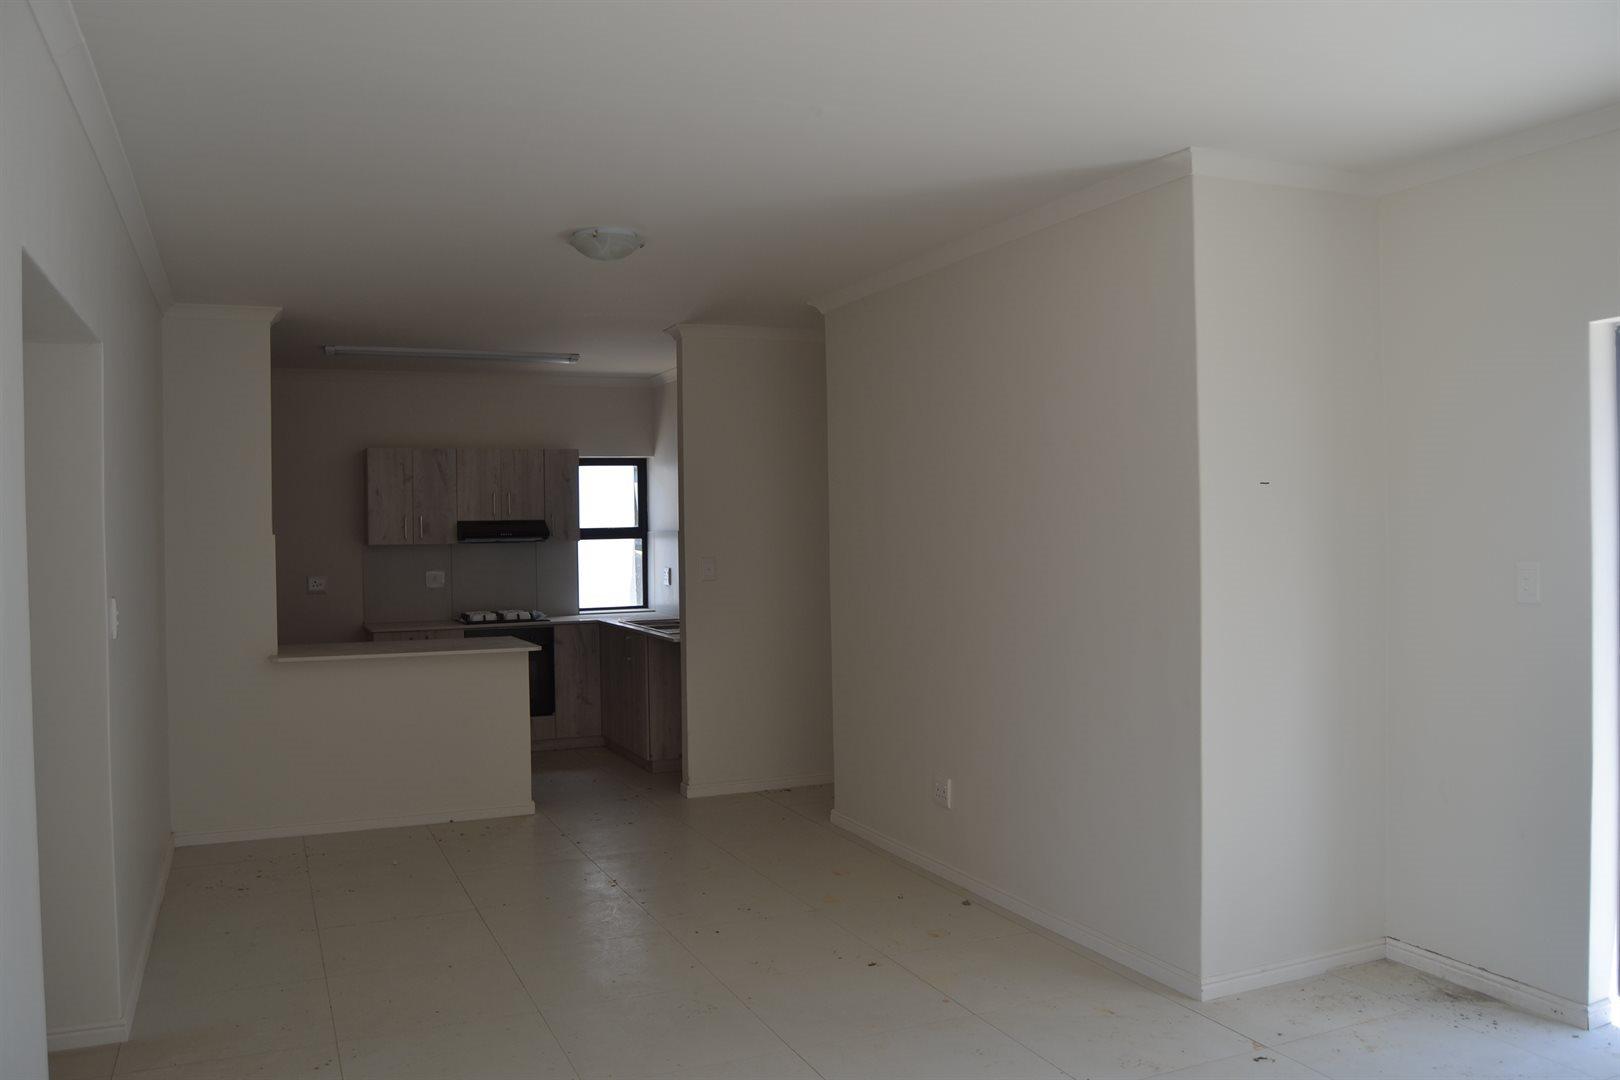 Aan De Wijnlanden property for sale. Ref No: 13565840. Picture no 9